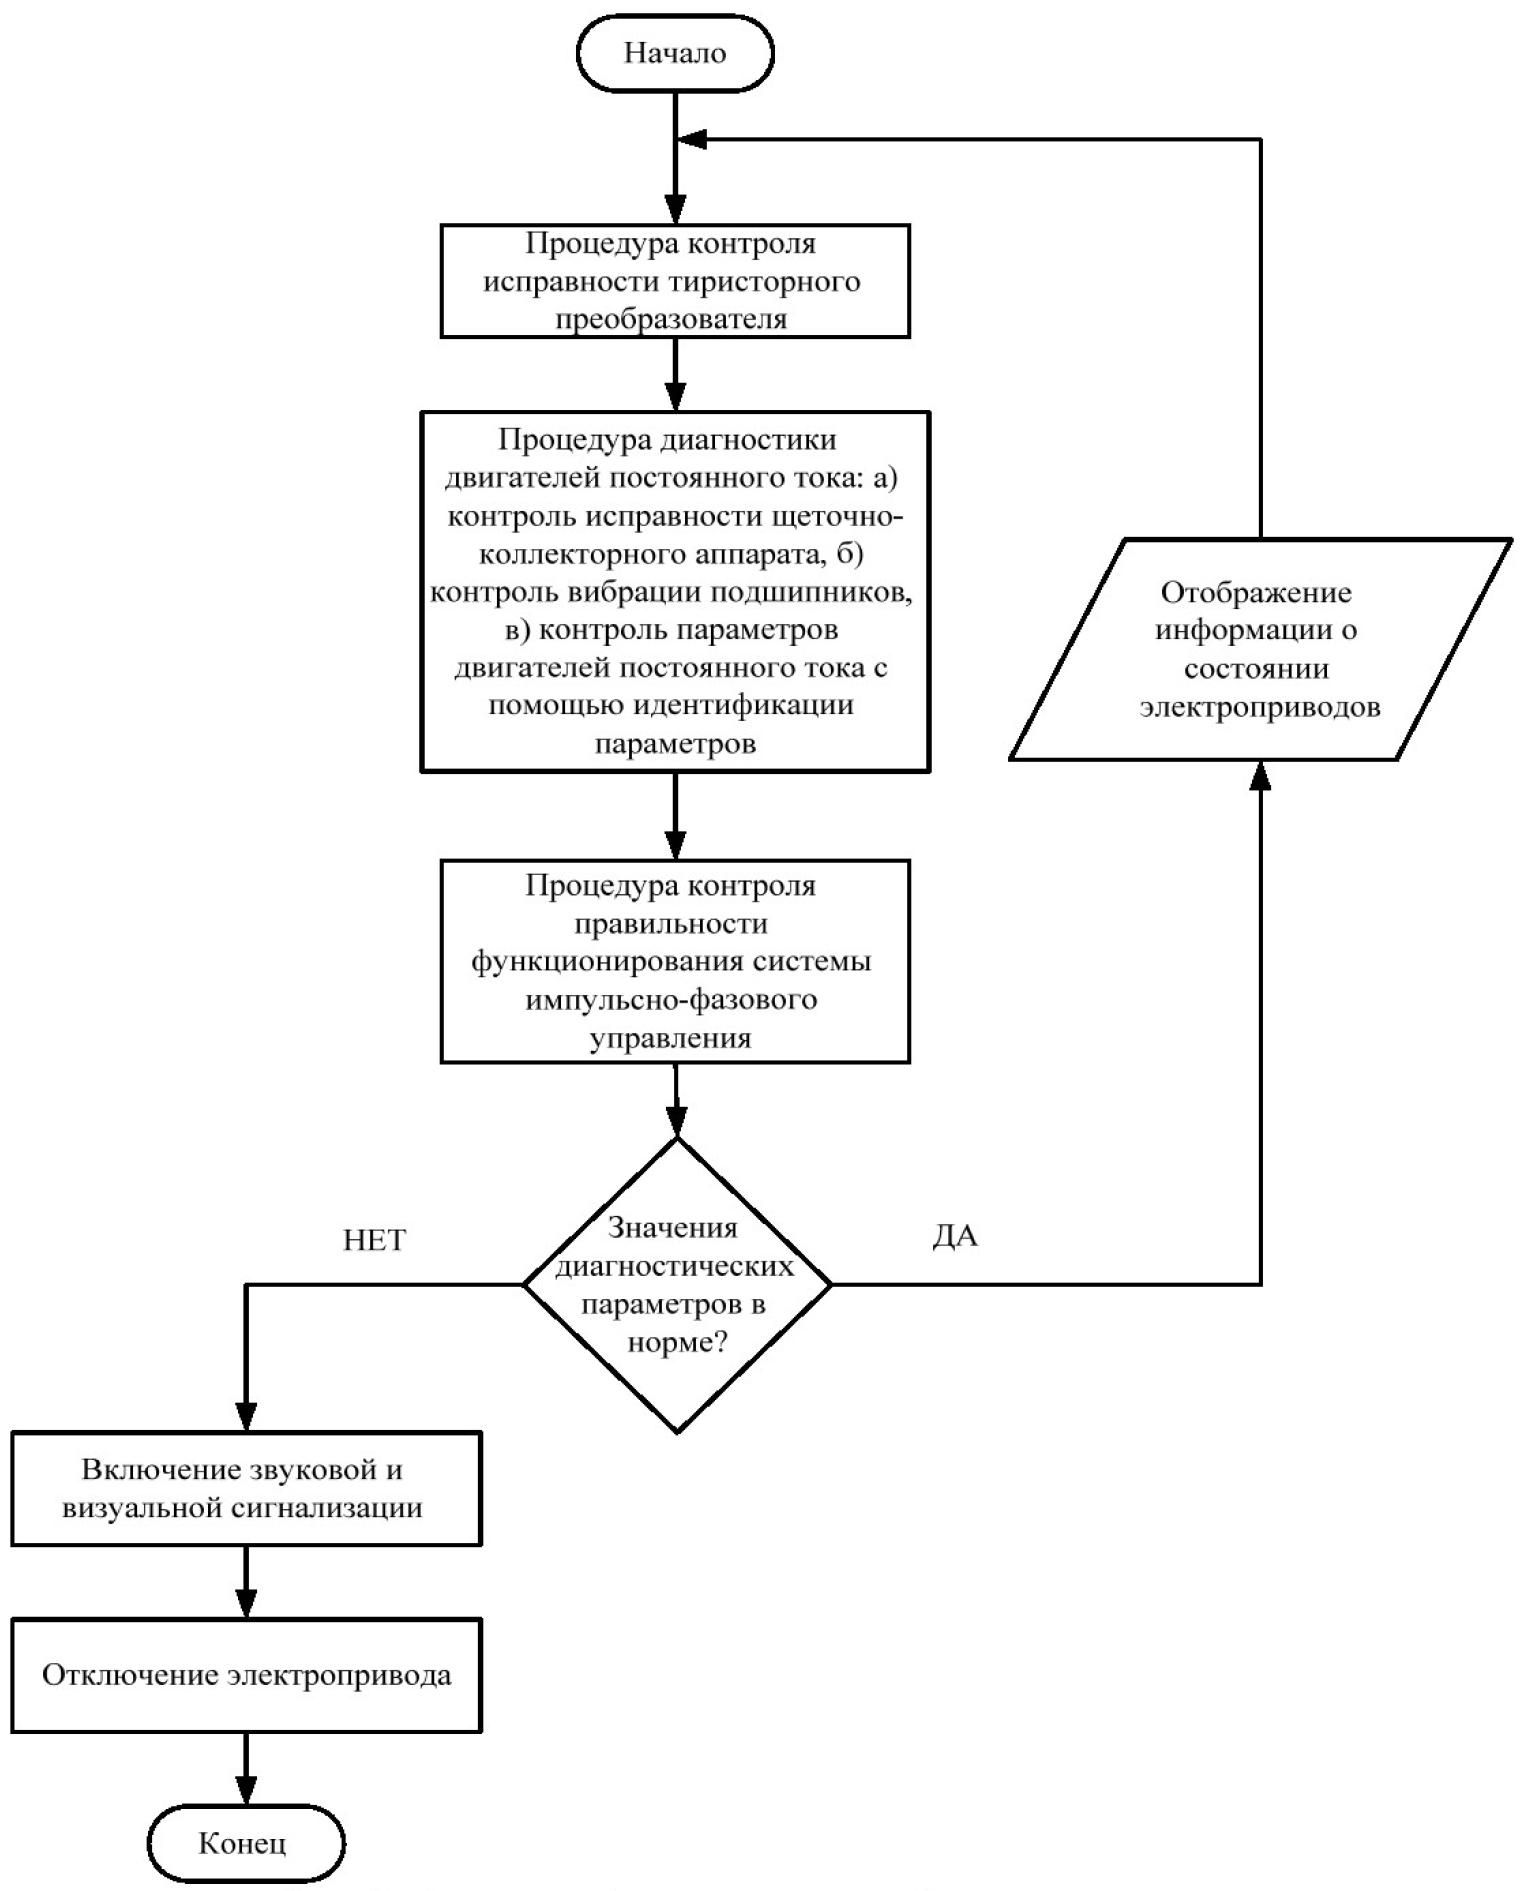 Структура системы функциональной диагностики электроприводов карьерных экскаваторов 2